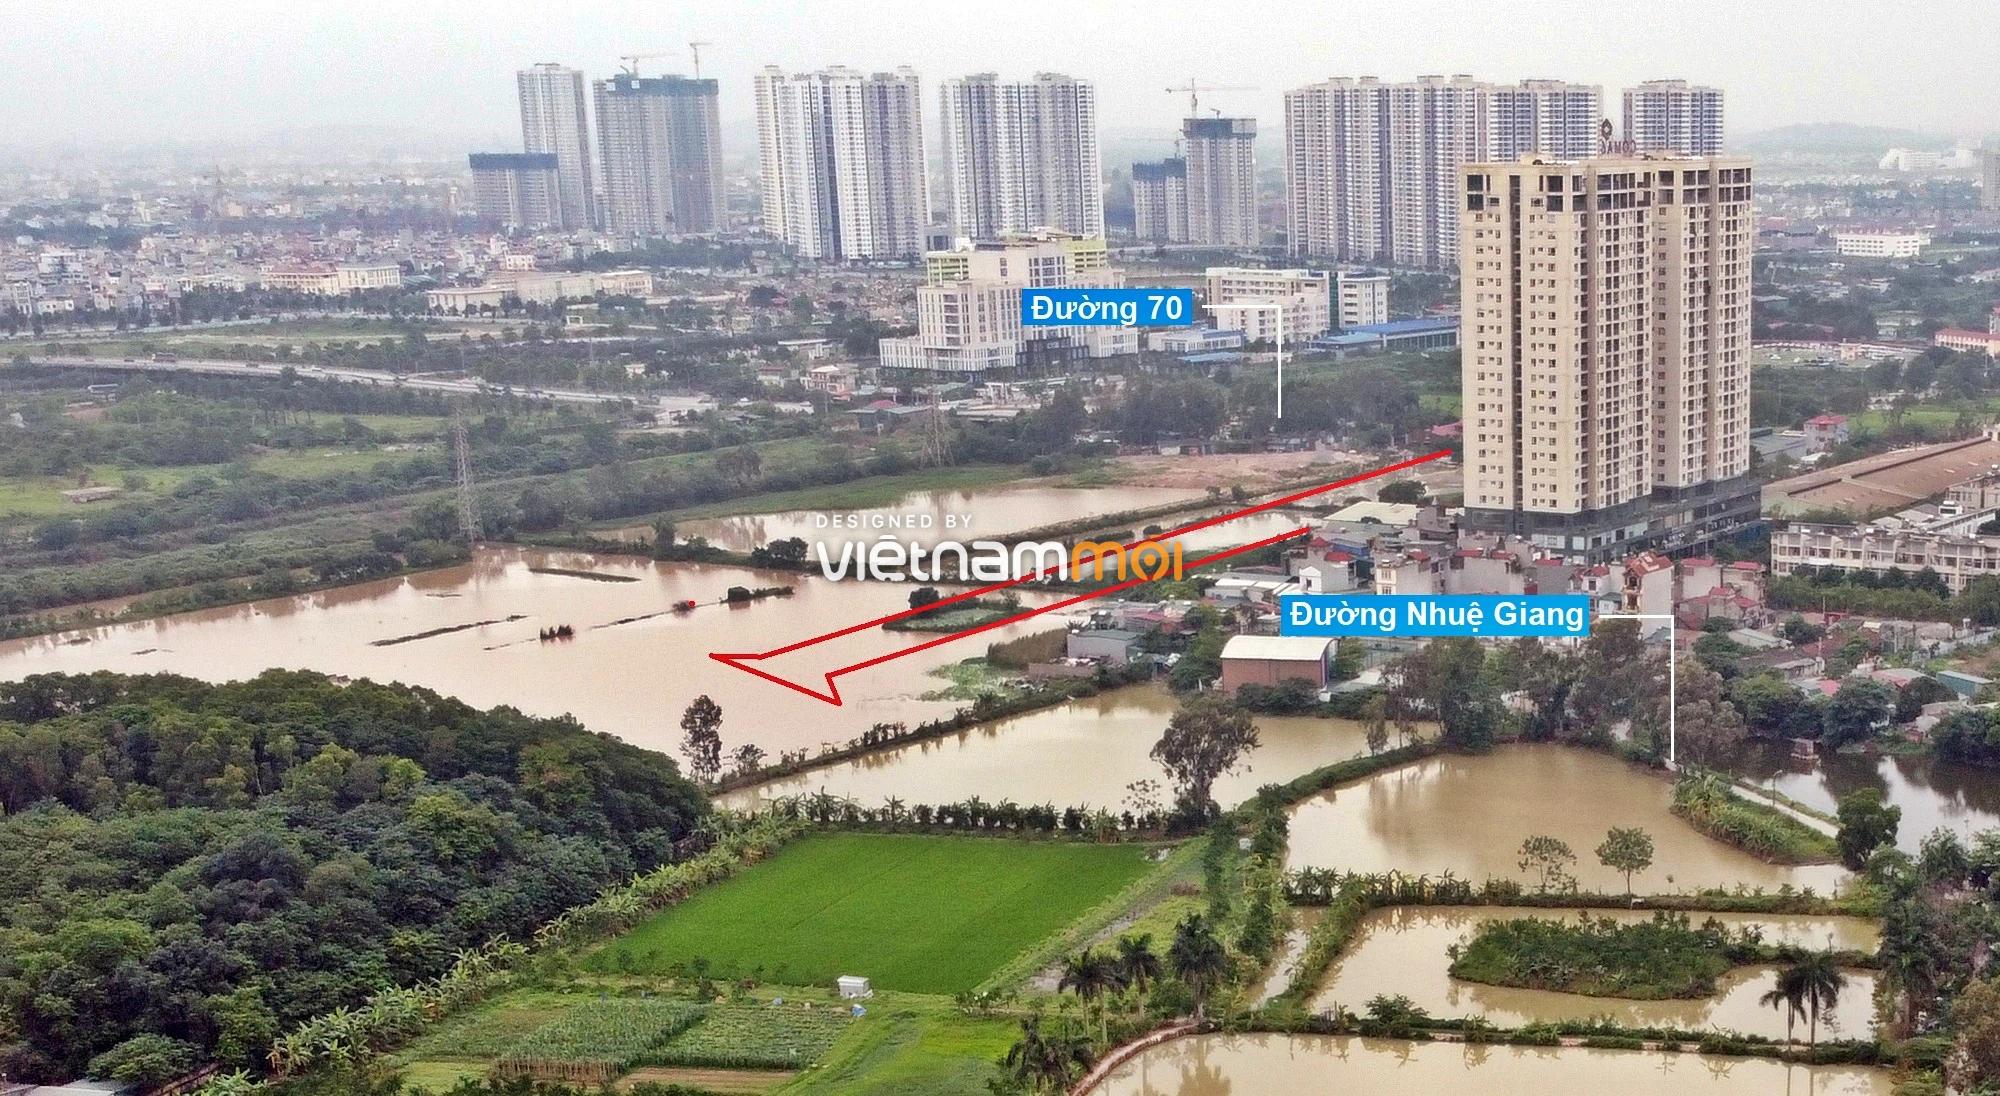 Những khu đất sắp thu hồi để mở đường ở phường Tây Mỗ, Nam Từ Liêm, Hà Nội (phần 2) - Ảnh 4.